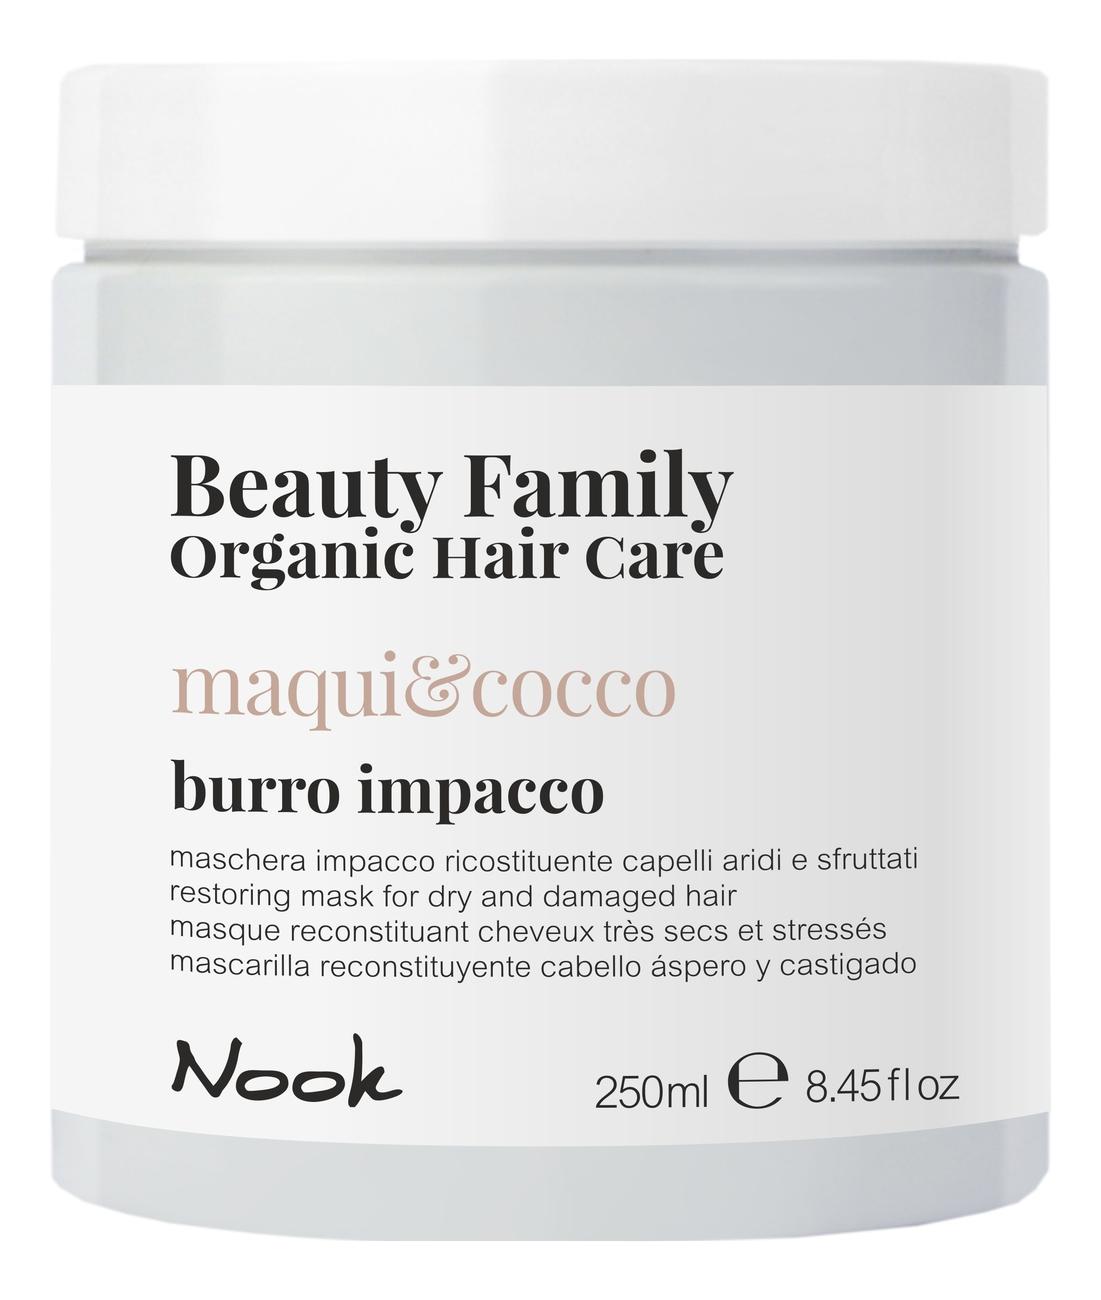 Купить Восстанавливающая маска для сухих и поврежденных волос Beauty Family Burro Impacco Maqui & Cocco: Маска 250мл, Восстанавливающая маска для сухих и поврежденных волос Beauty Family Burro Impacco Maqui & Cocco, Nook